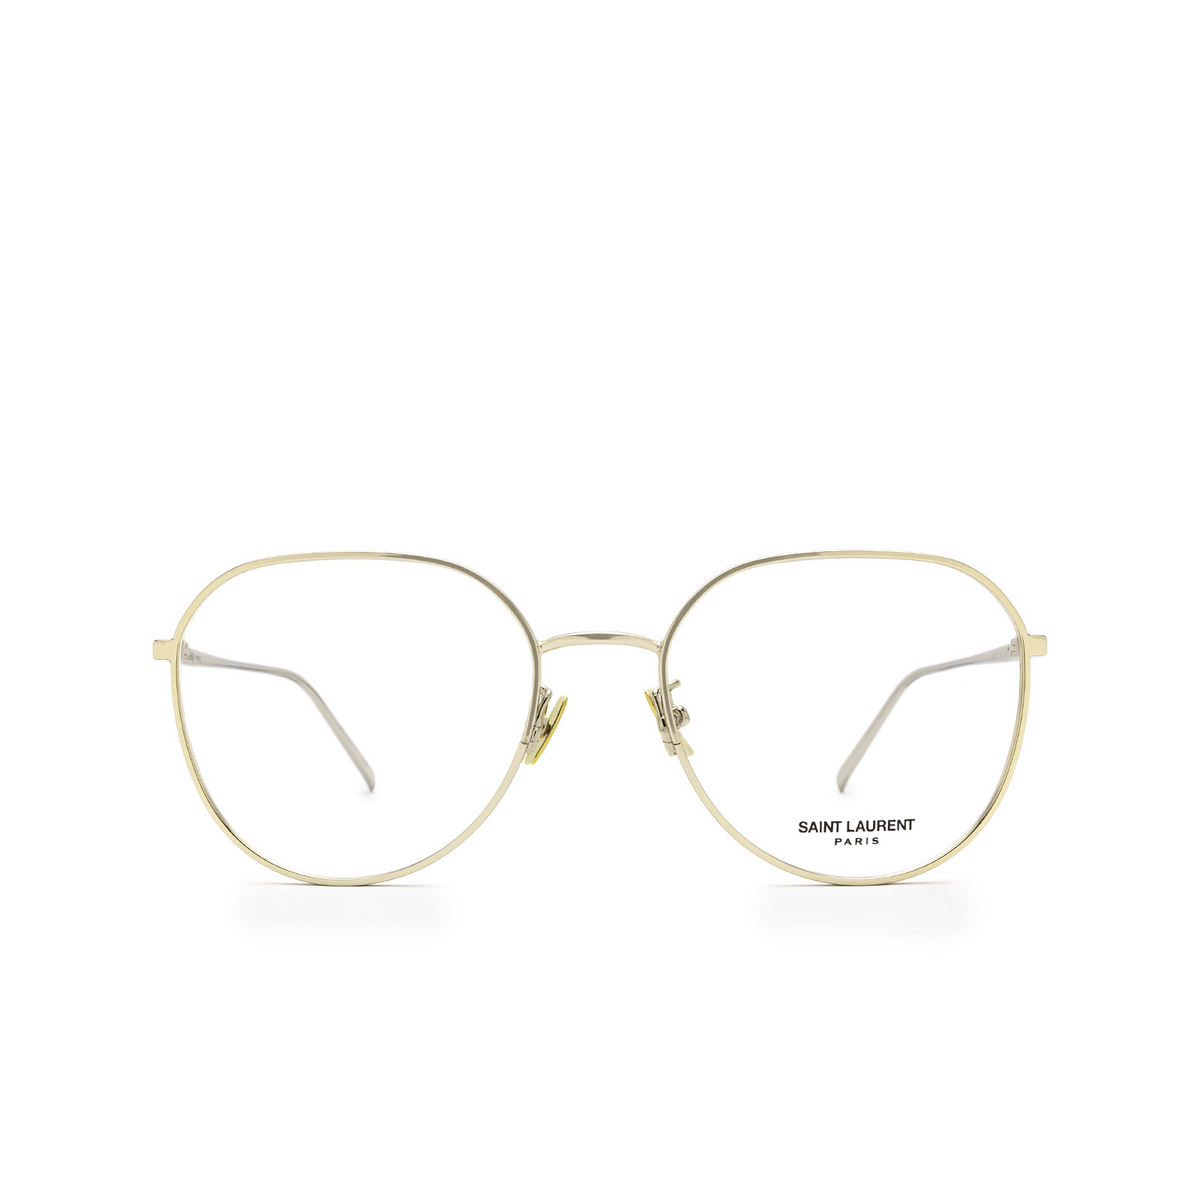 Saint Laurent® Round Eyeglasses: SL 484 color Gold 003 - front view.